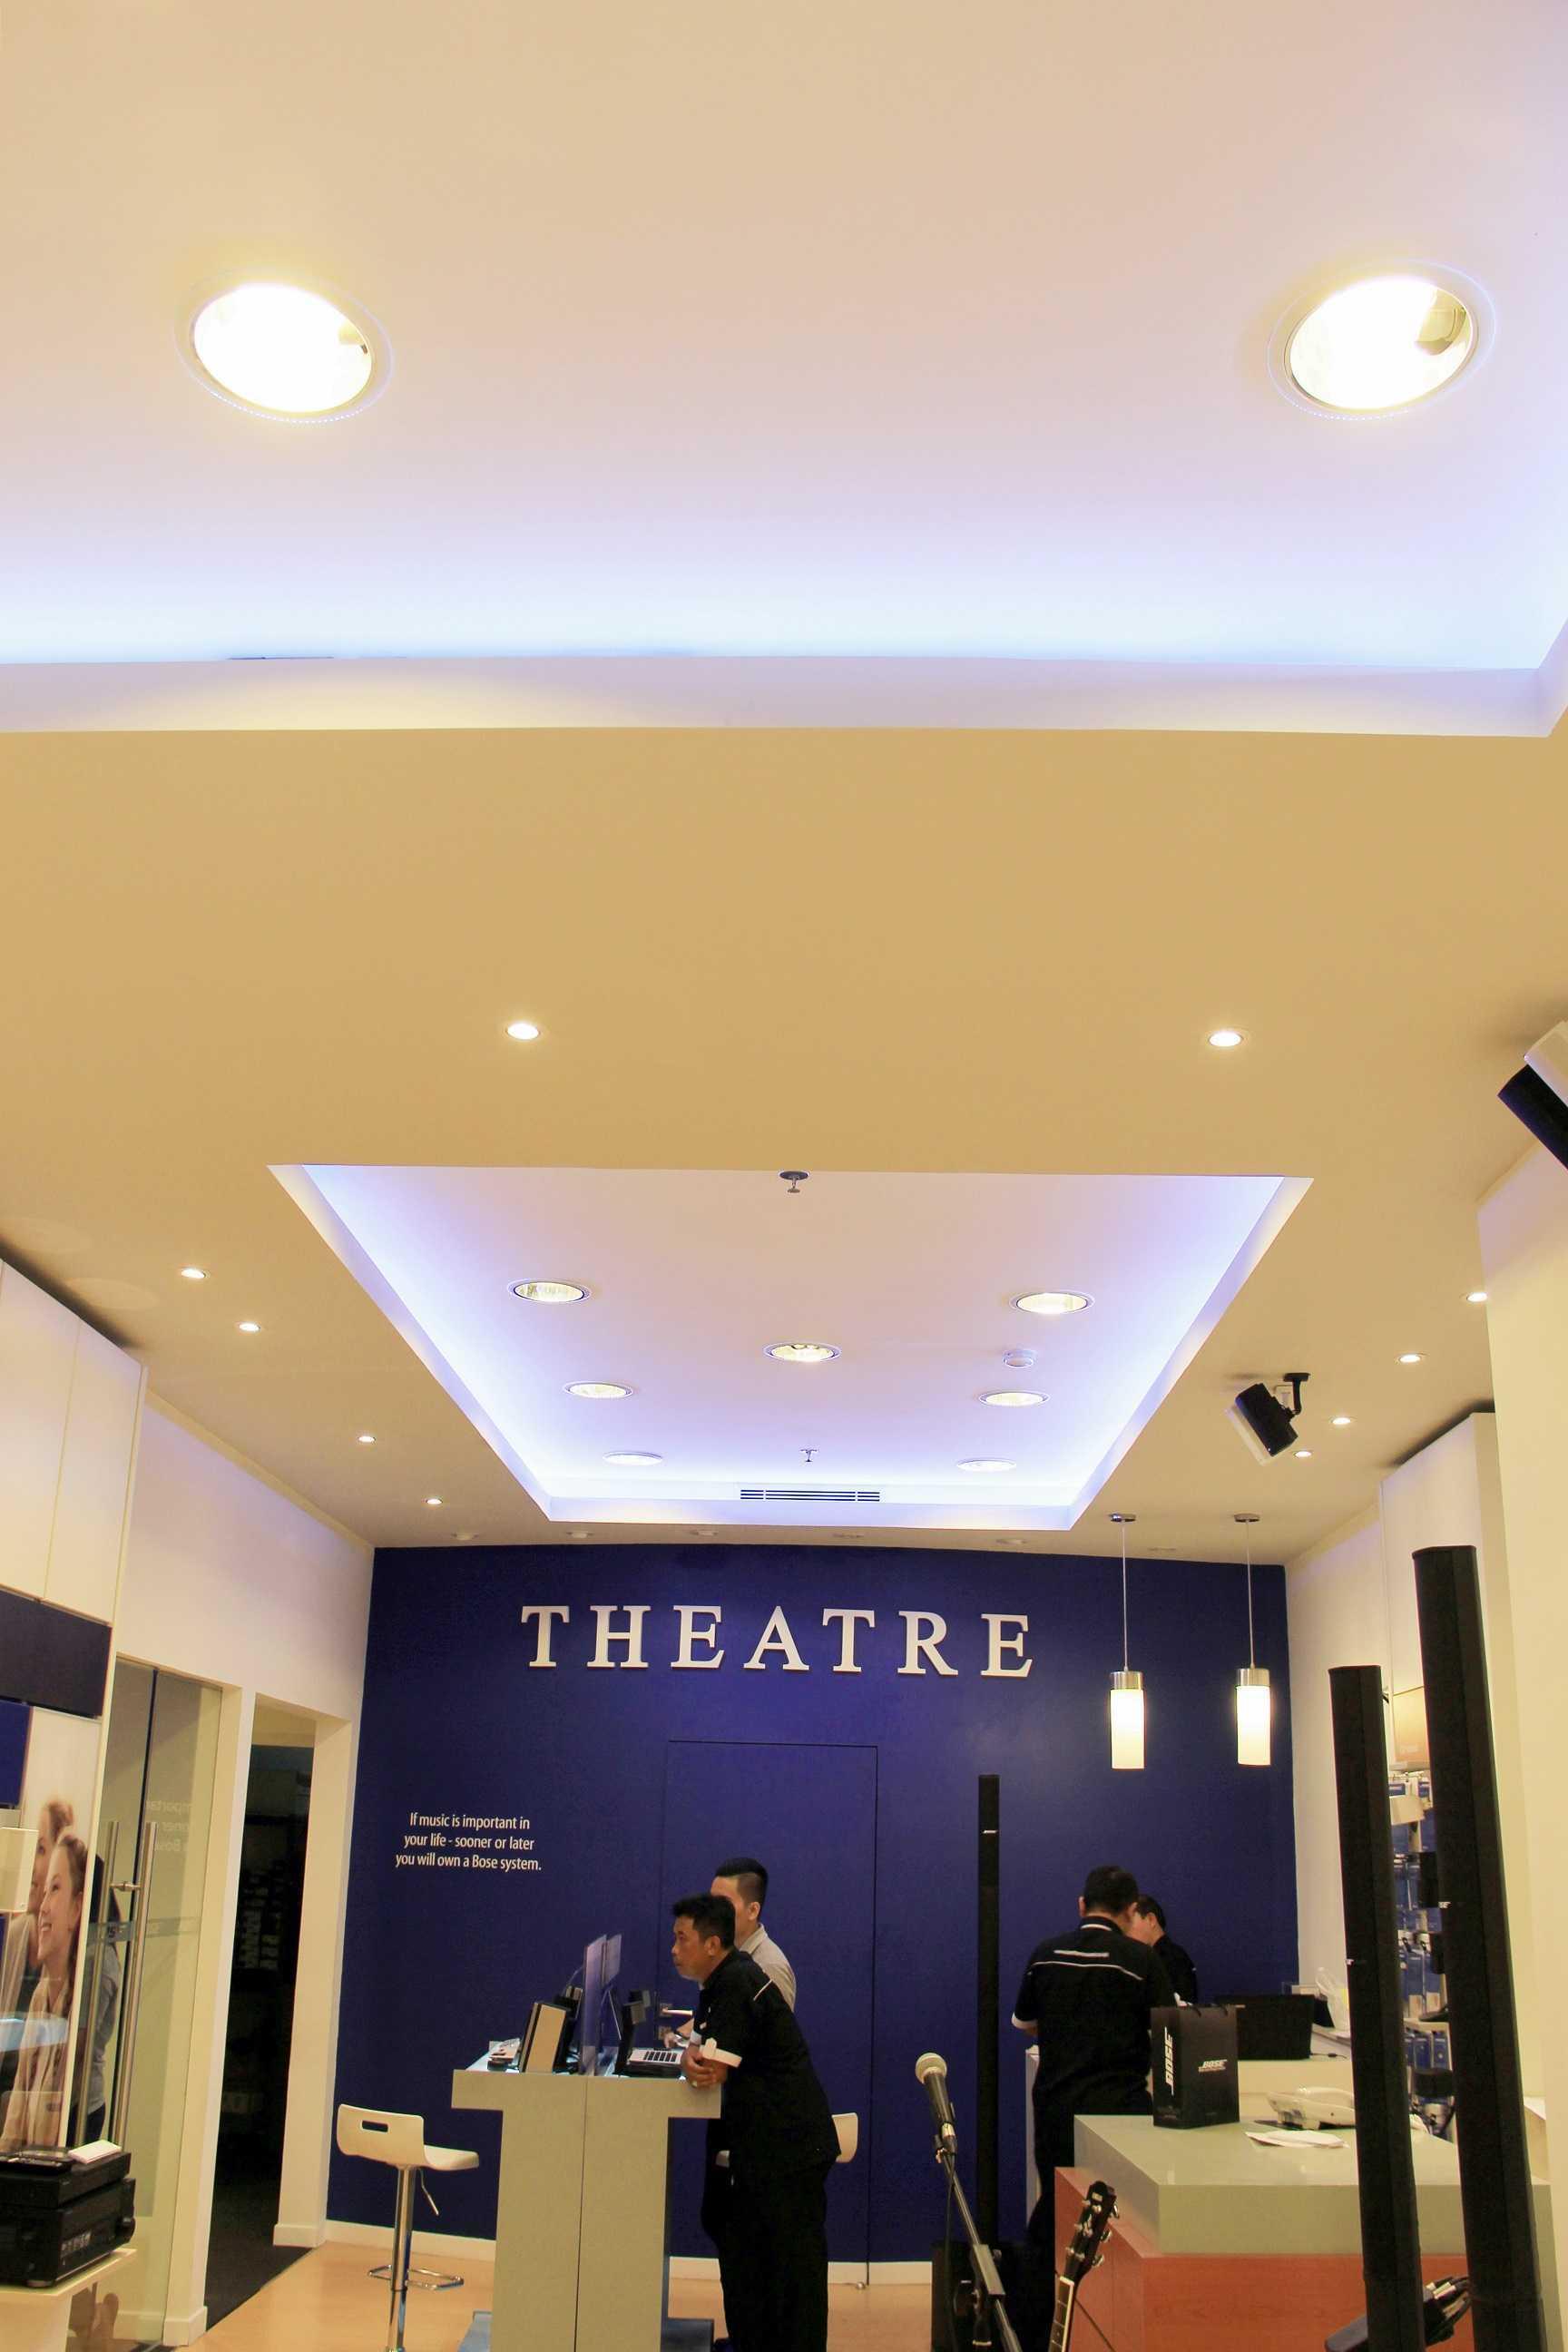 Asakiwari Bose Store Plaza Senayan Jl. M.h. Thamrin No.kav. 28-30, Rt.9/rw.5, Gondangdia, Kec. Menteng, Kota Jakarta Pusat, Daerah Khusus Ibukota Jakarta 10350, Indonesia Jl. M.h. Thamrin No.kav. 28-30, Rt.9/rw.5, Gondangdia, Kec. Menteng, Kota Jakarta Pusat, Daerah Khusus Ibukota Jakarta 10350, Indonesia Asakiwari-Bose-Store-Plaza-Senayan   75831